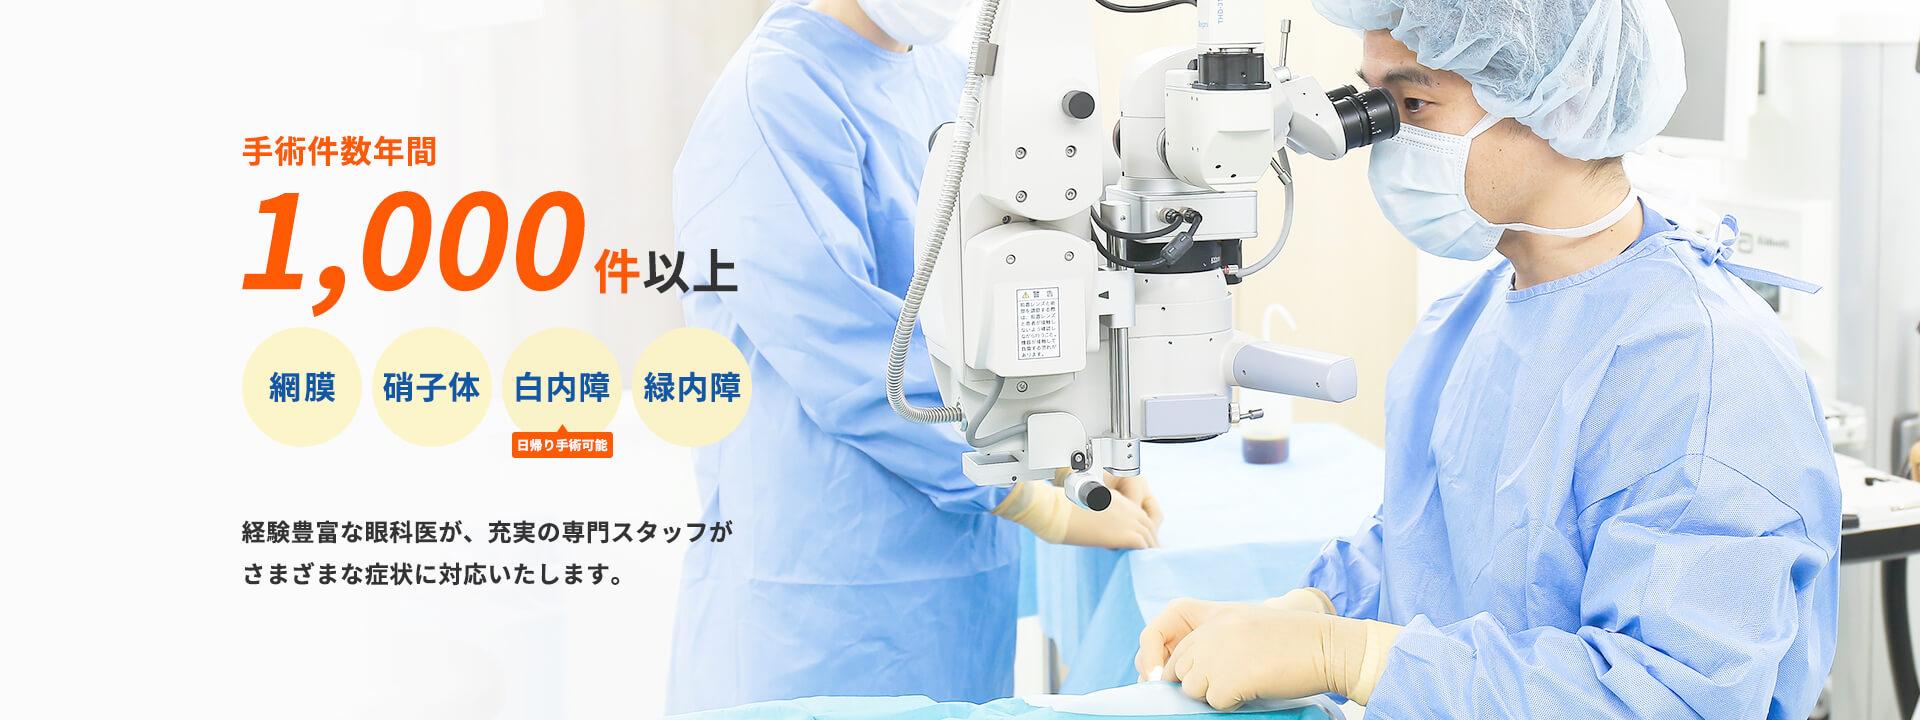 手術件数年間 1,000件以上網膜硝子体白内障緑内障日帰り手術可能経験豊富な眼科医が、充実の専門スタッフが さまざまな症状に対応いたします。